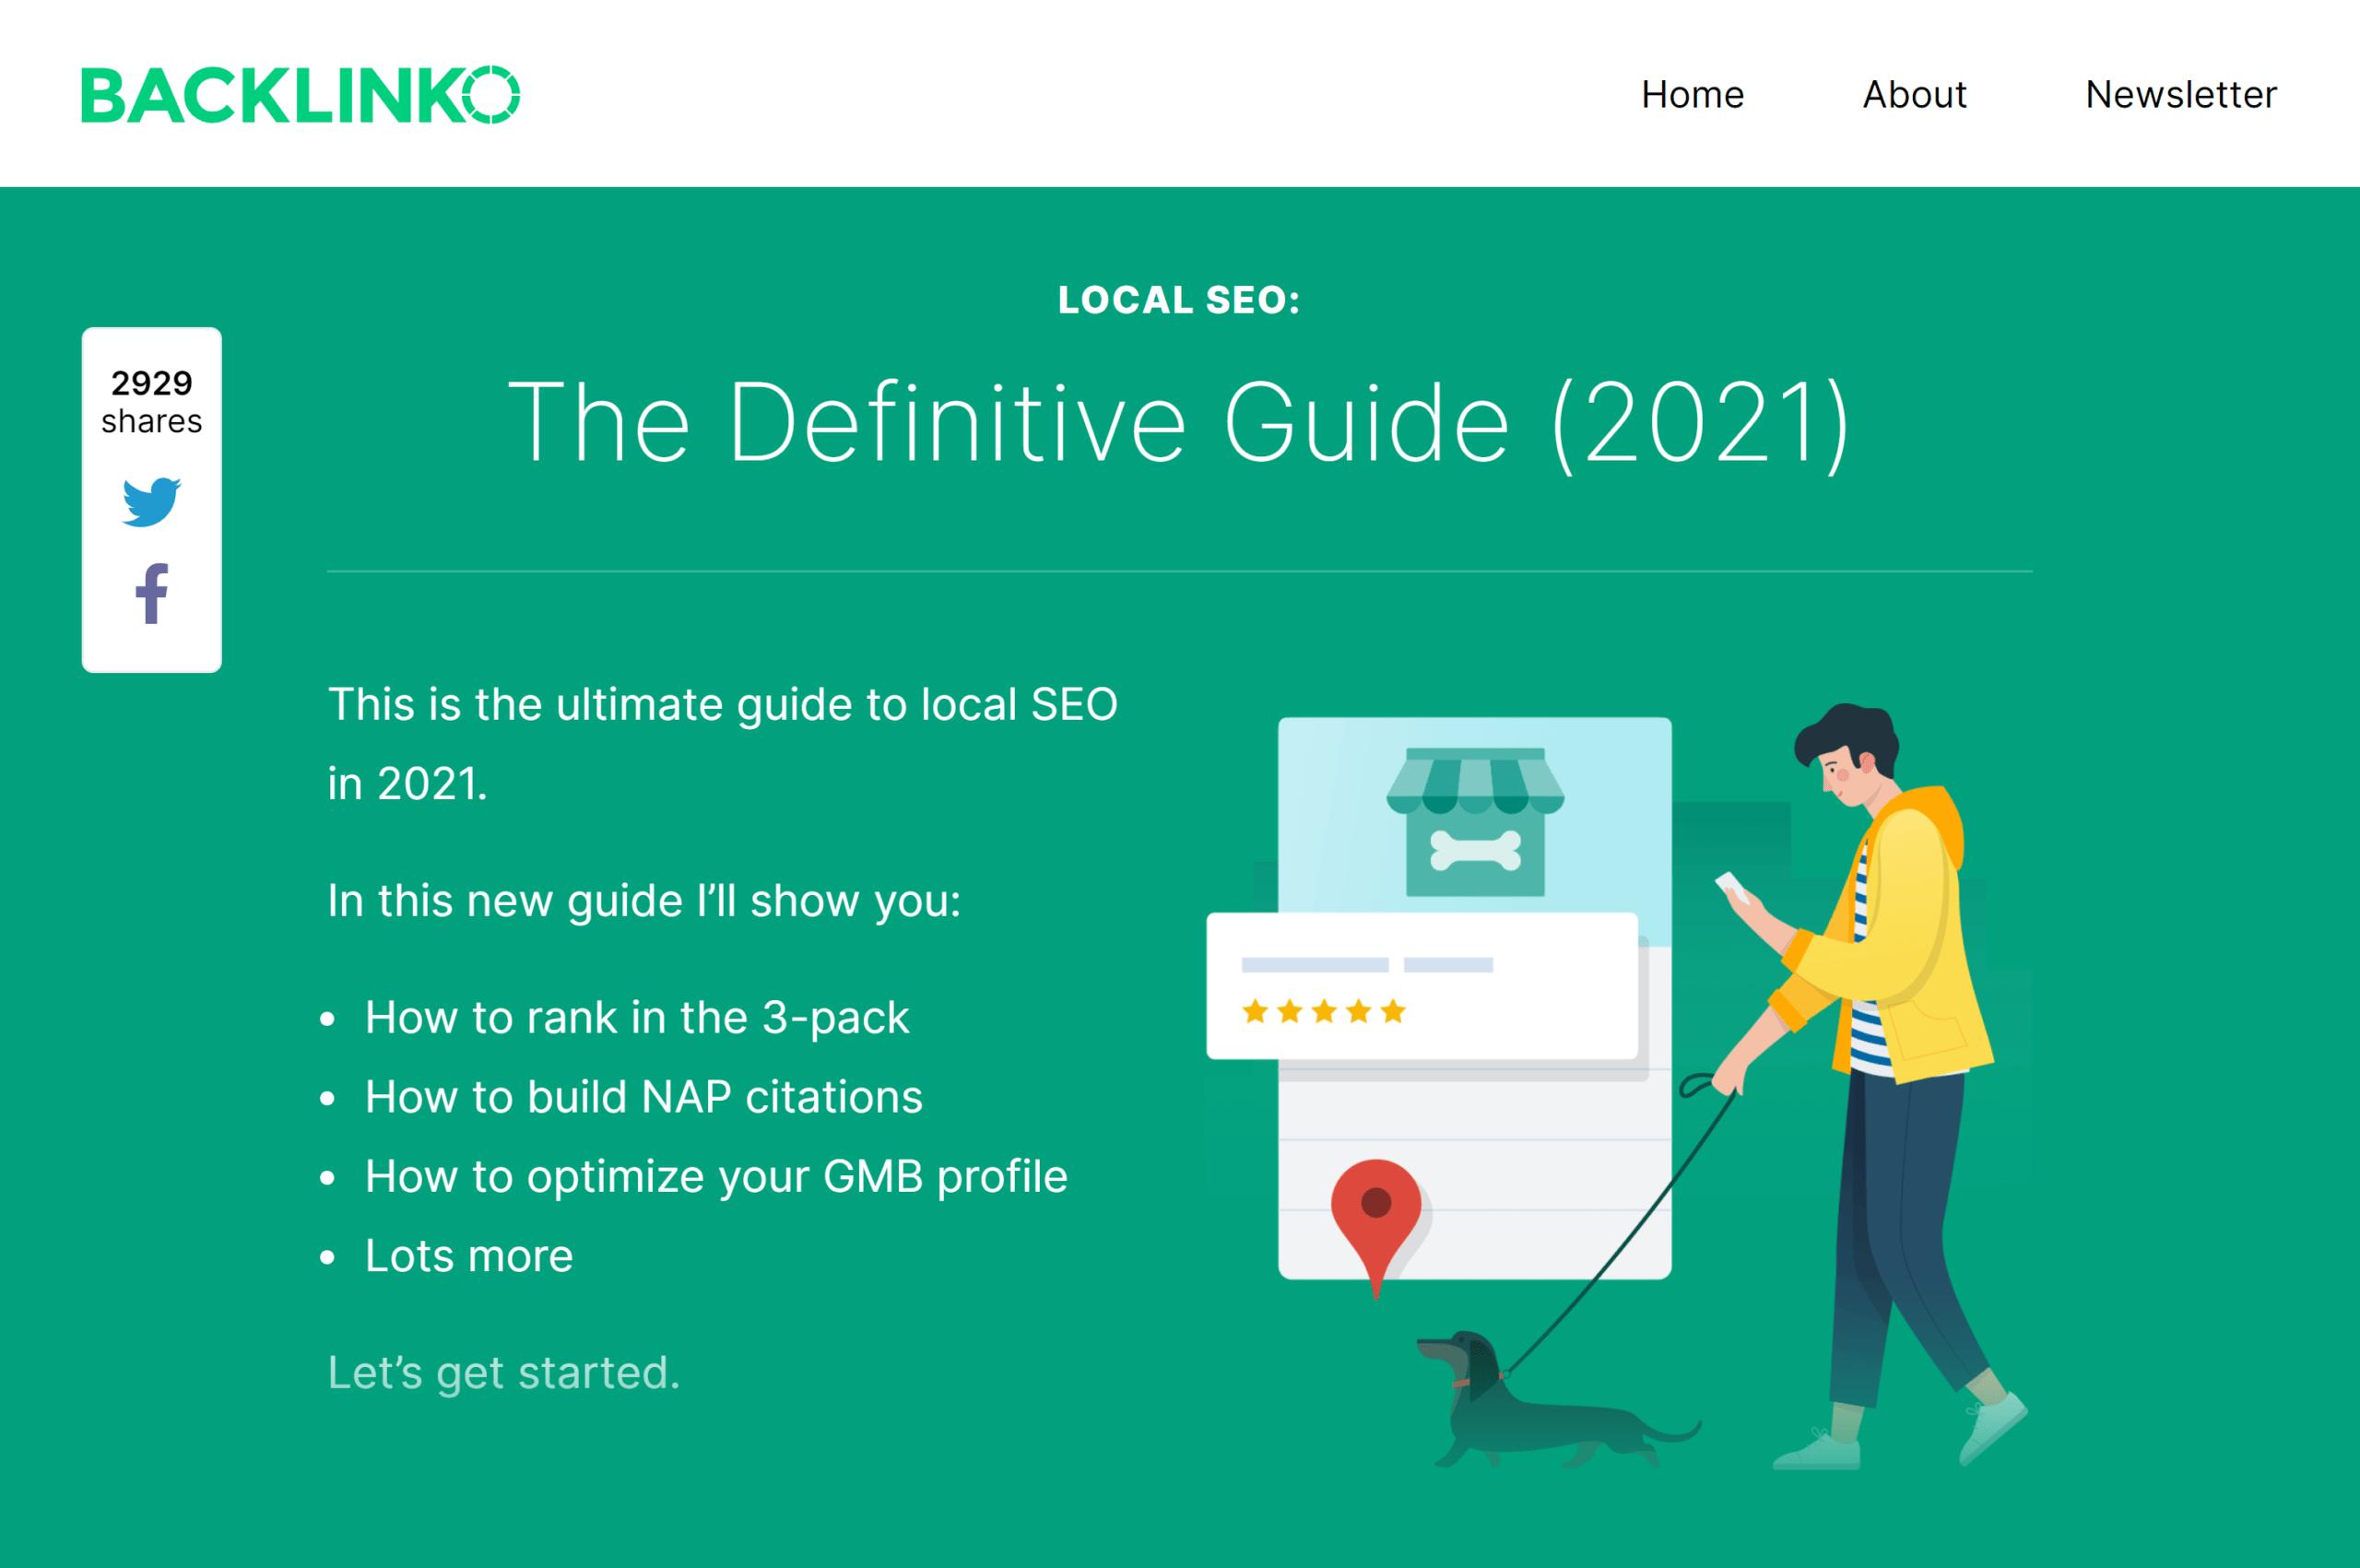 Backlinko – Local SEO guide